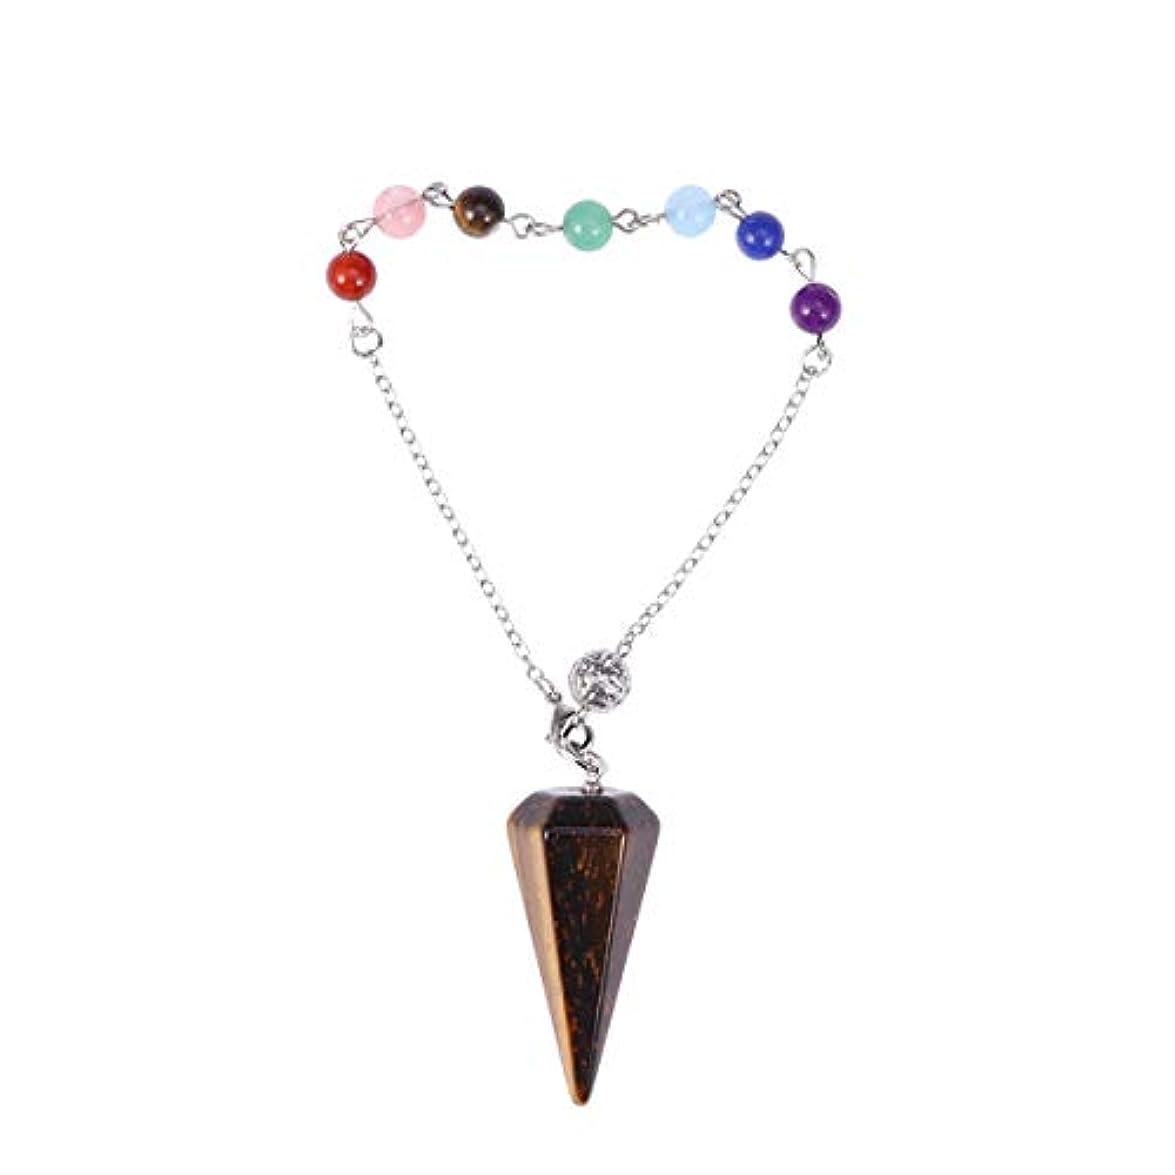 だます毎月区別するHealifty 美容装飾天然水晶六角形ペンダントターコイズ六角形チャクラチェーンペンダント(タイガーアイ宝石)